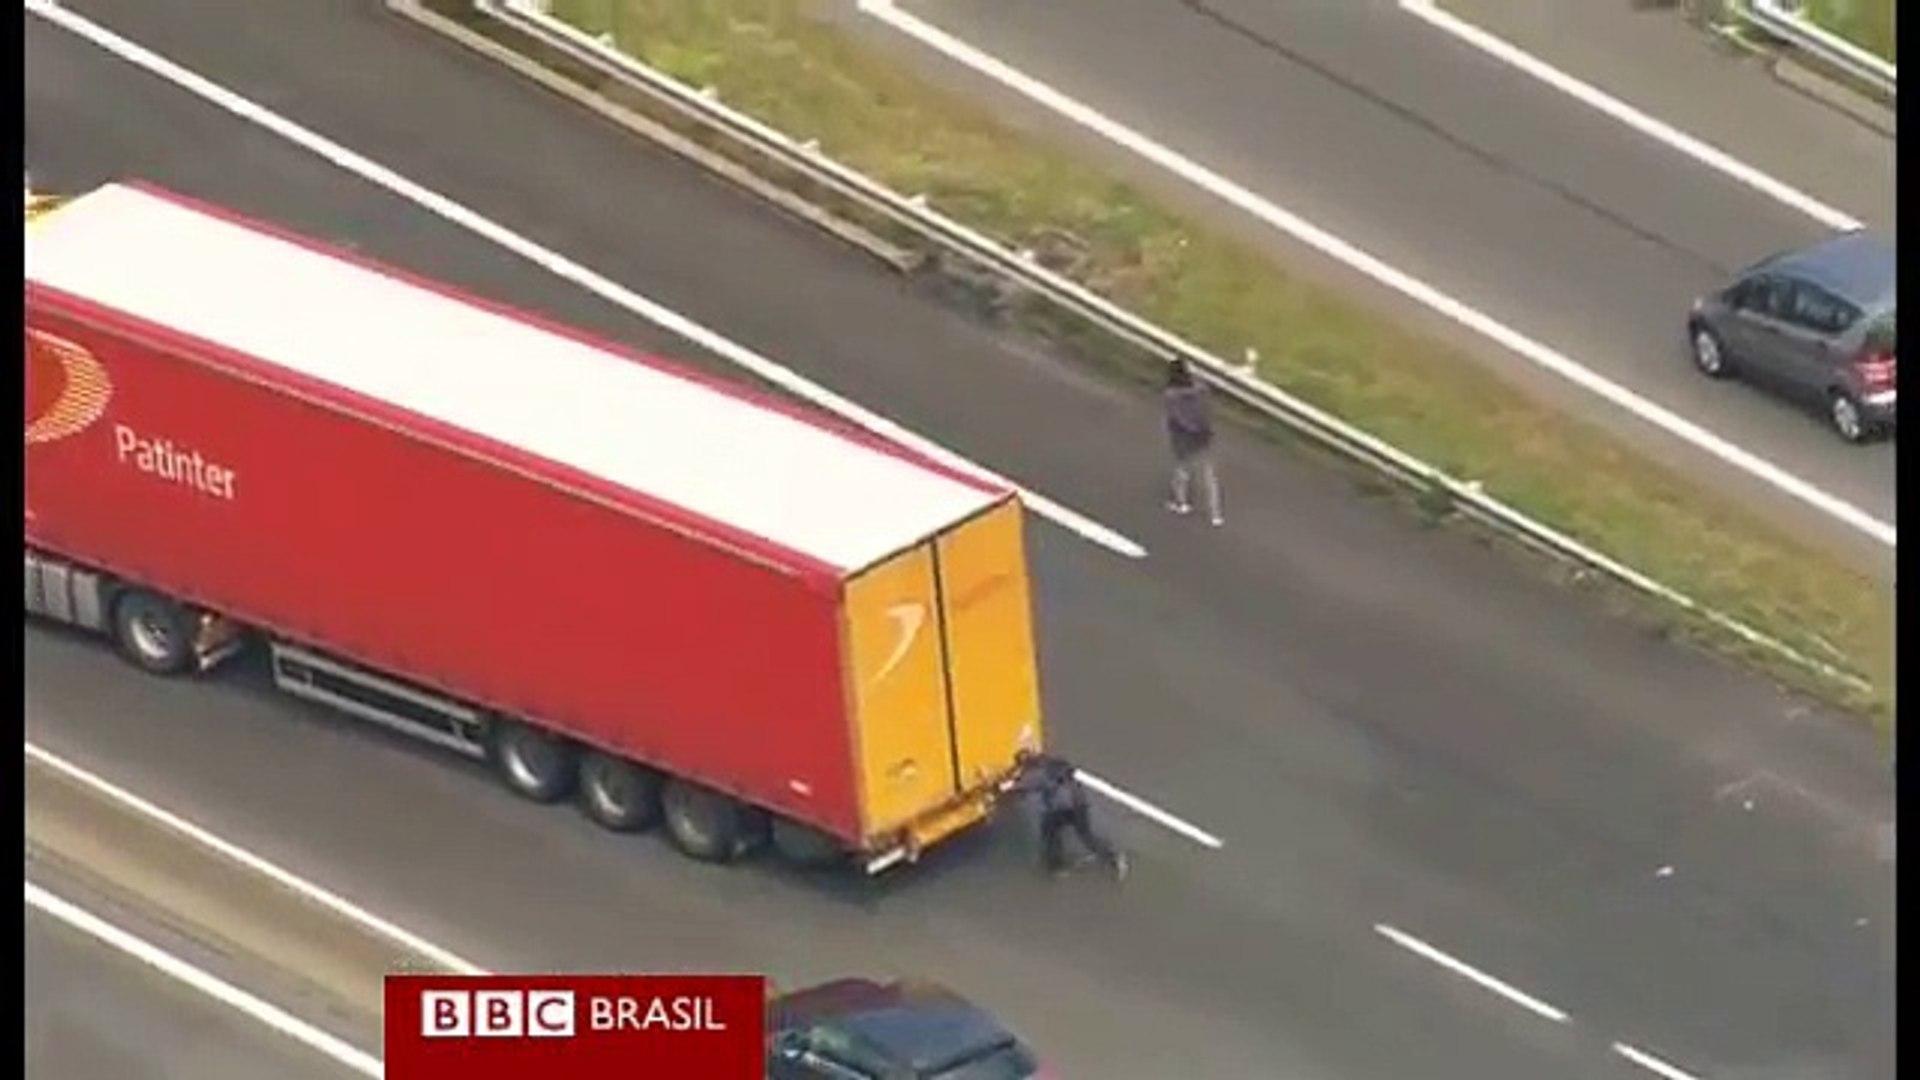 Migrantes aproveitam greve para tentar cruzar Canal da Mancha 'de carona' em caminhões